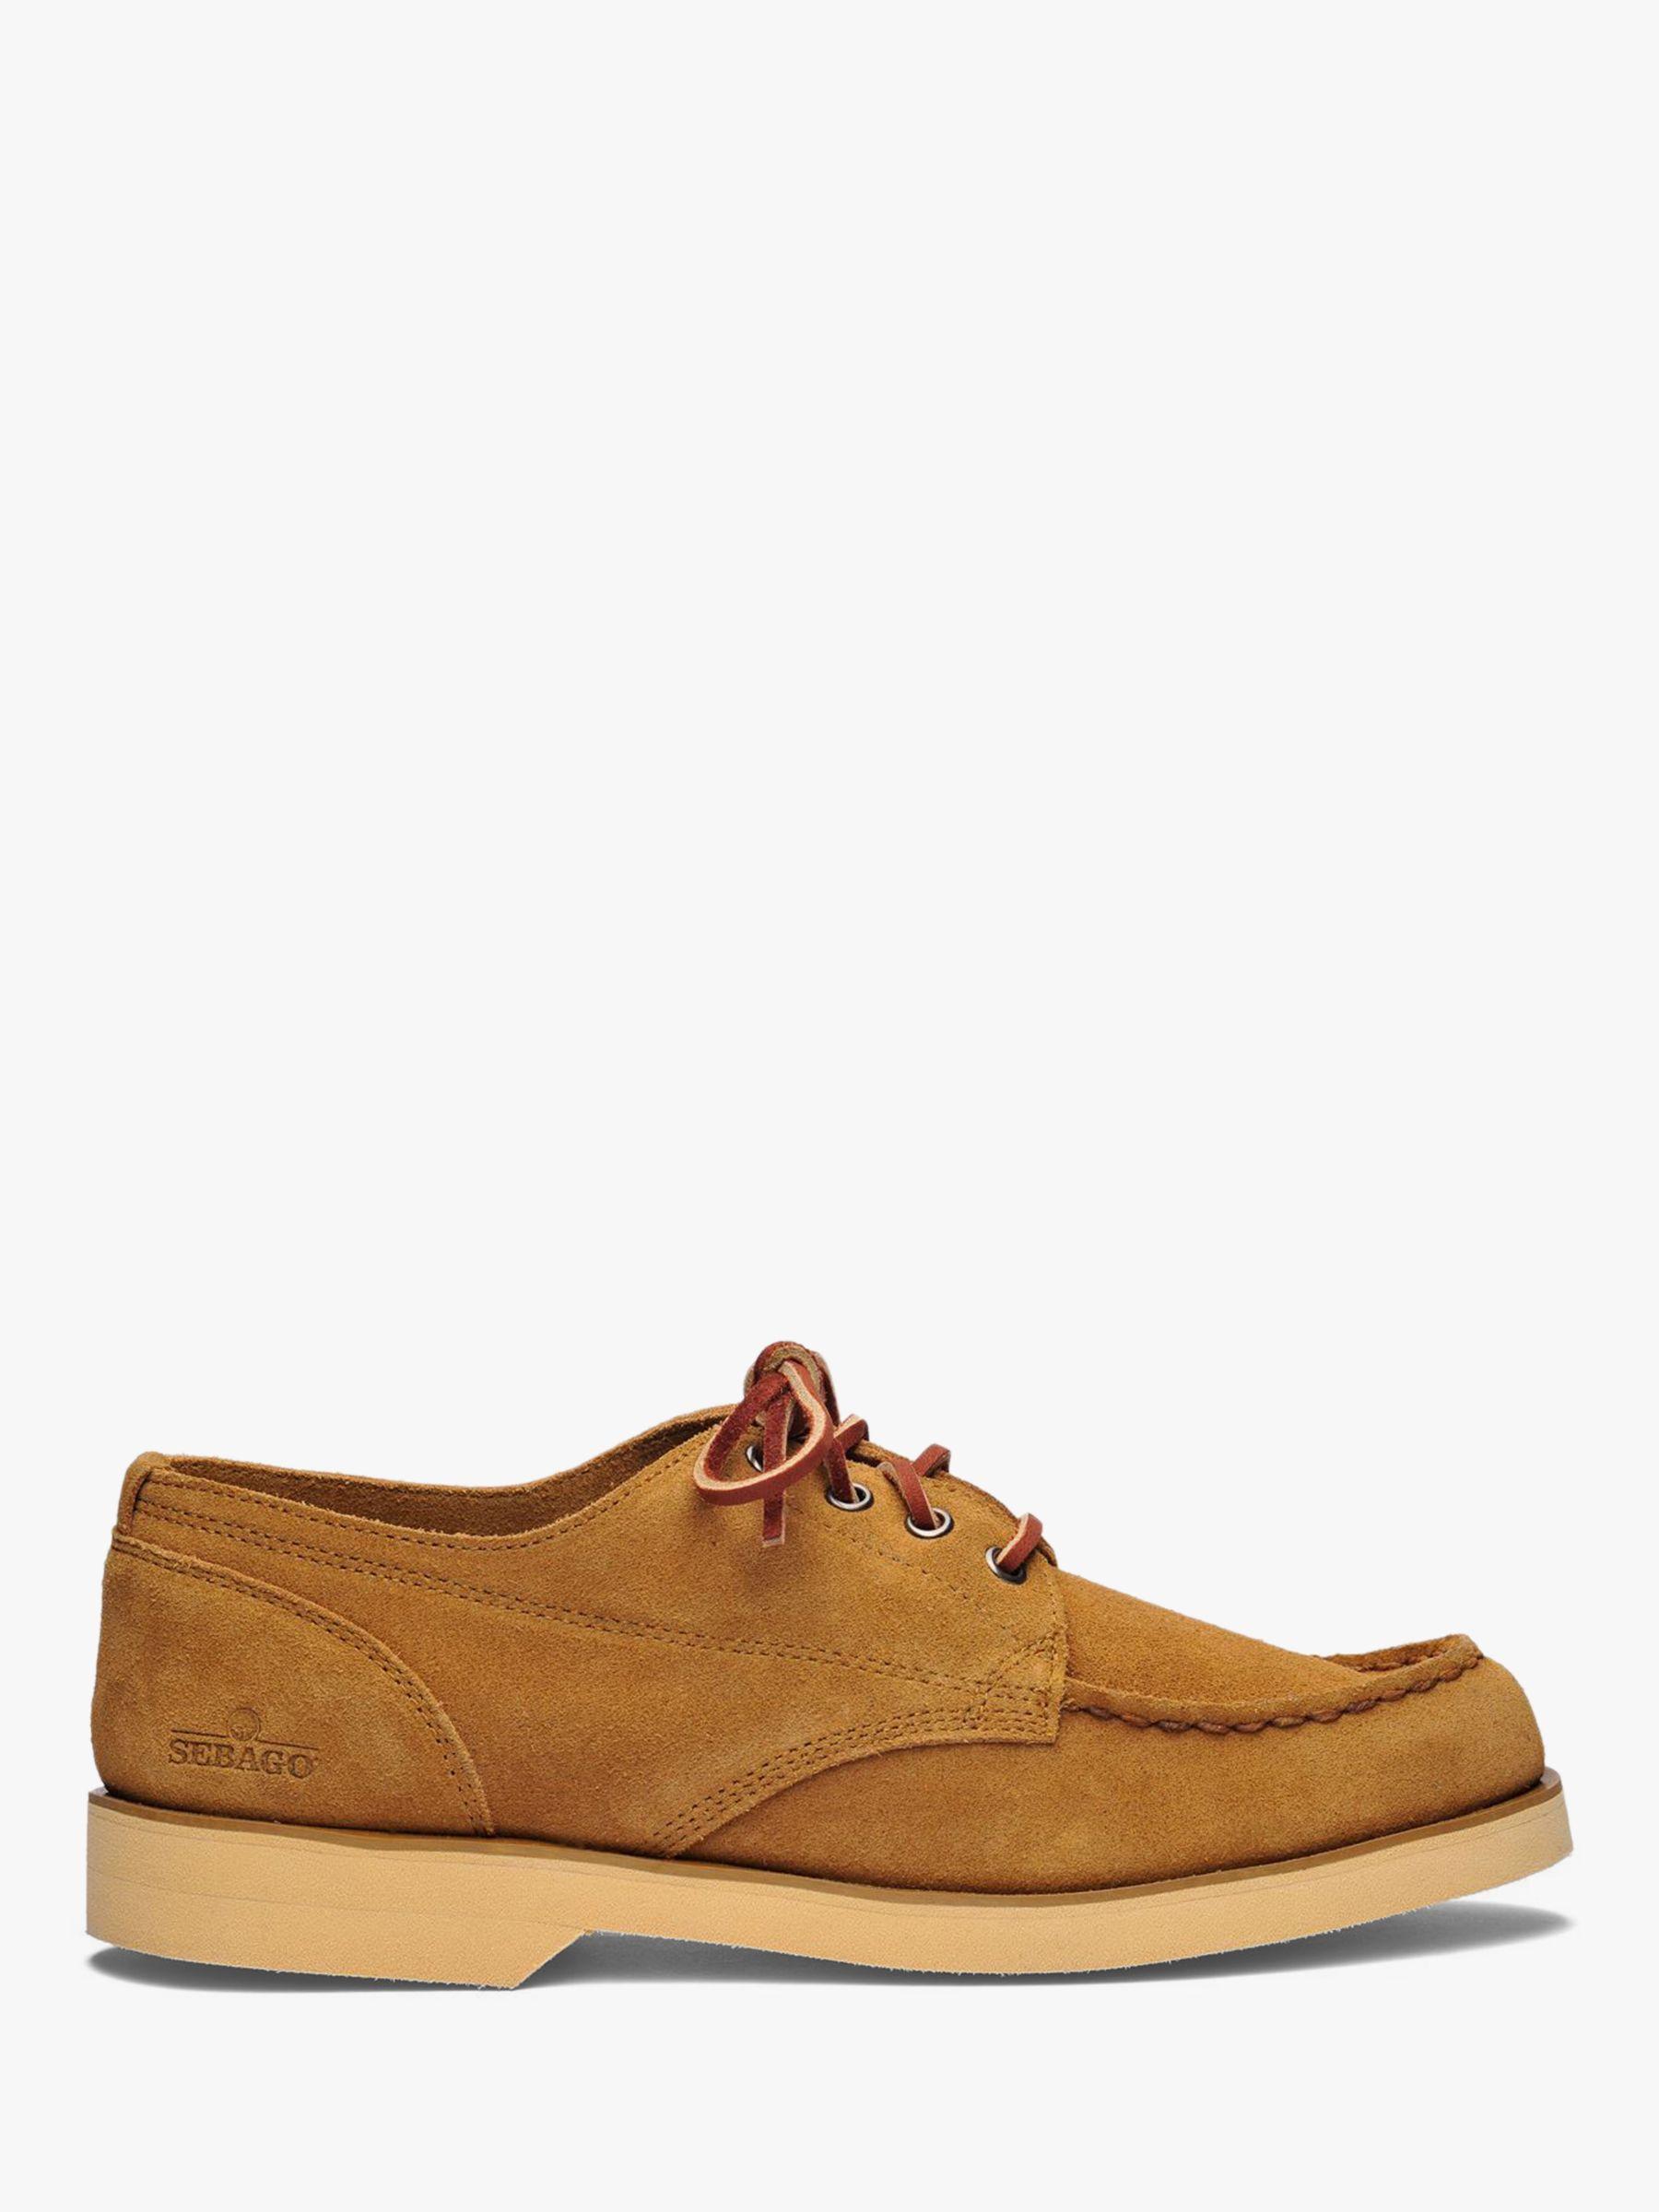 Sebago Sebago Campsides Fairhaven Suede Shoes